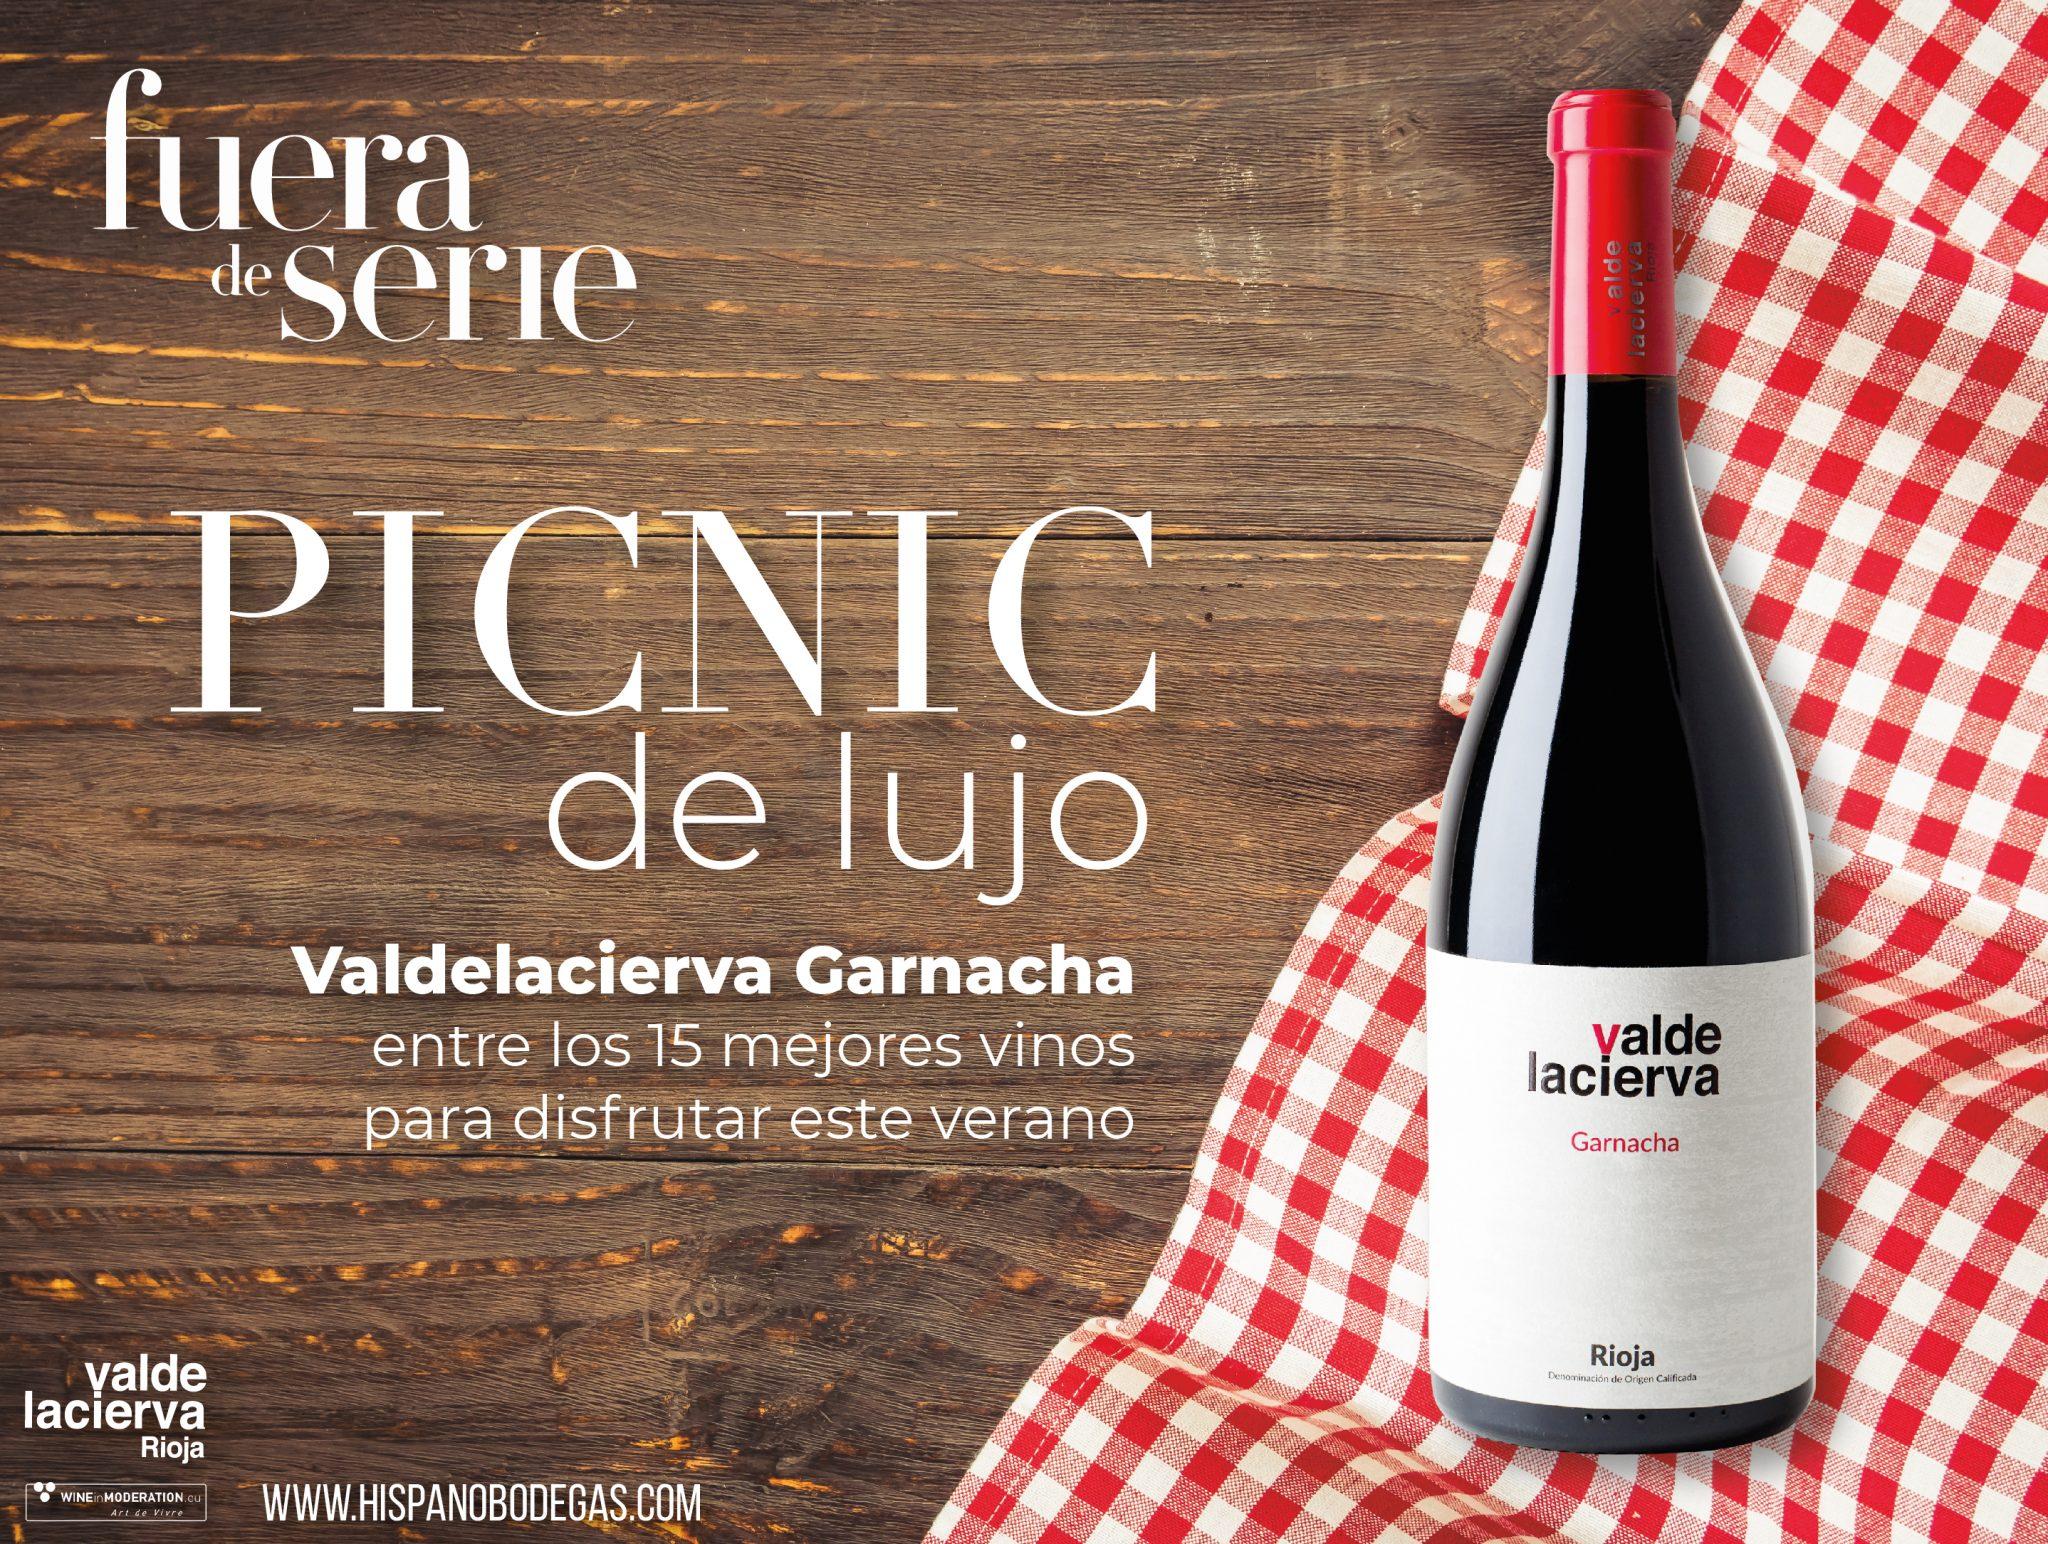 A luxurious picnic: Valdelacierva Garnacha